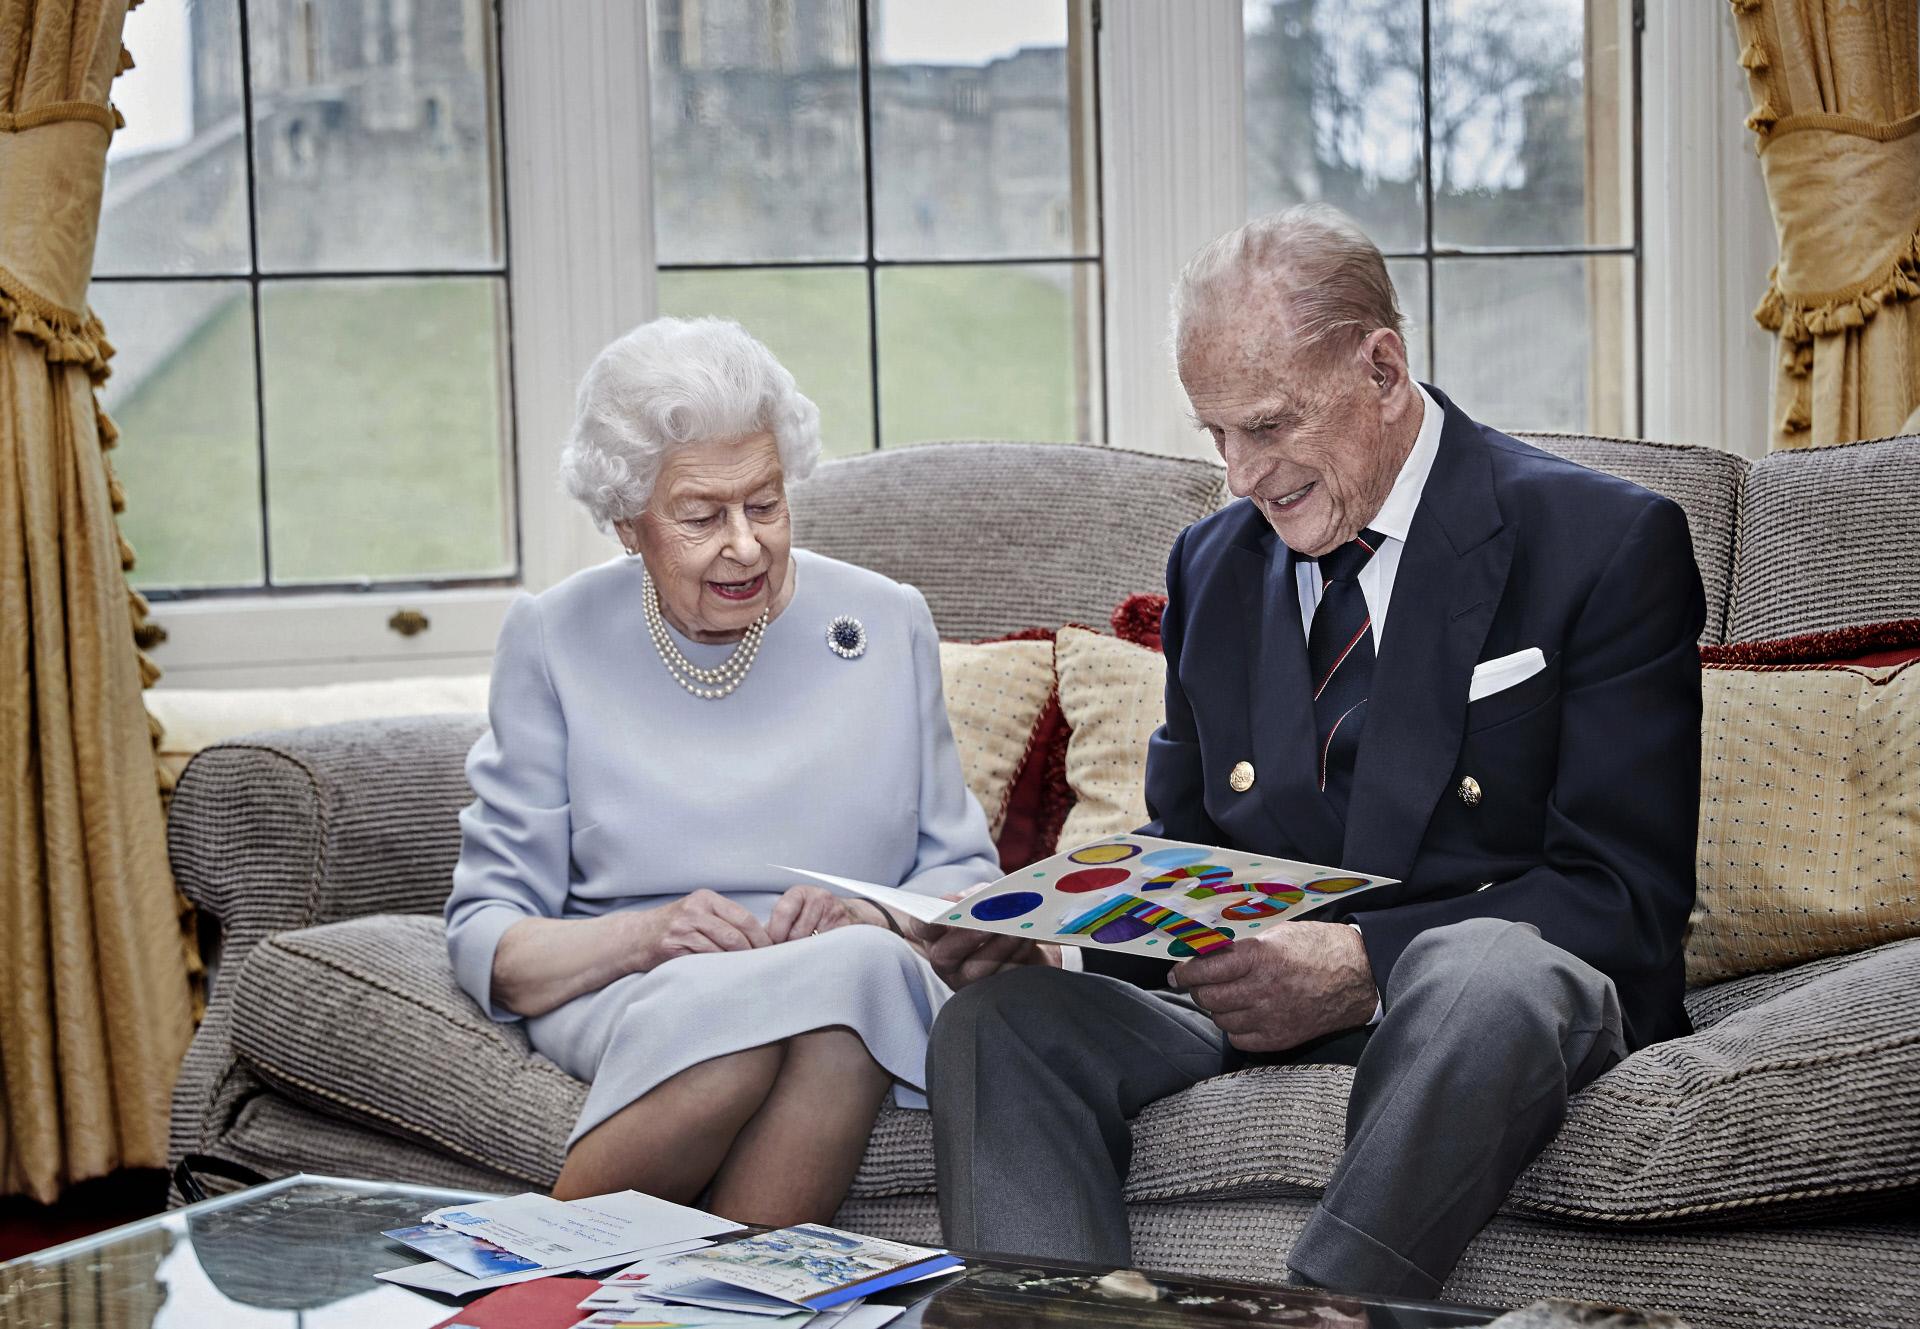 El príncipe y la reina han estado juntos más de 70 años.